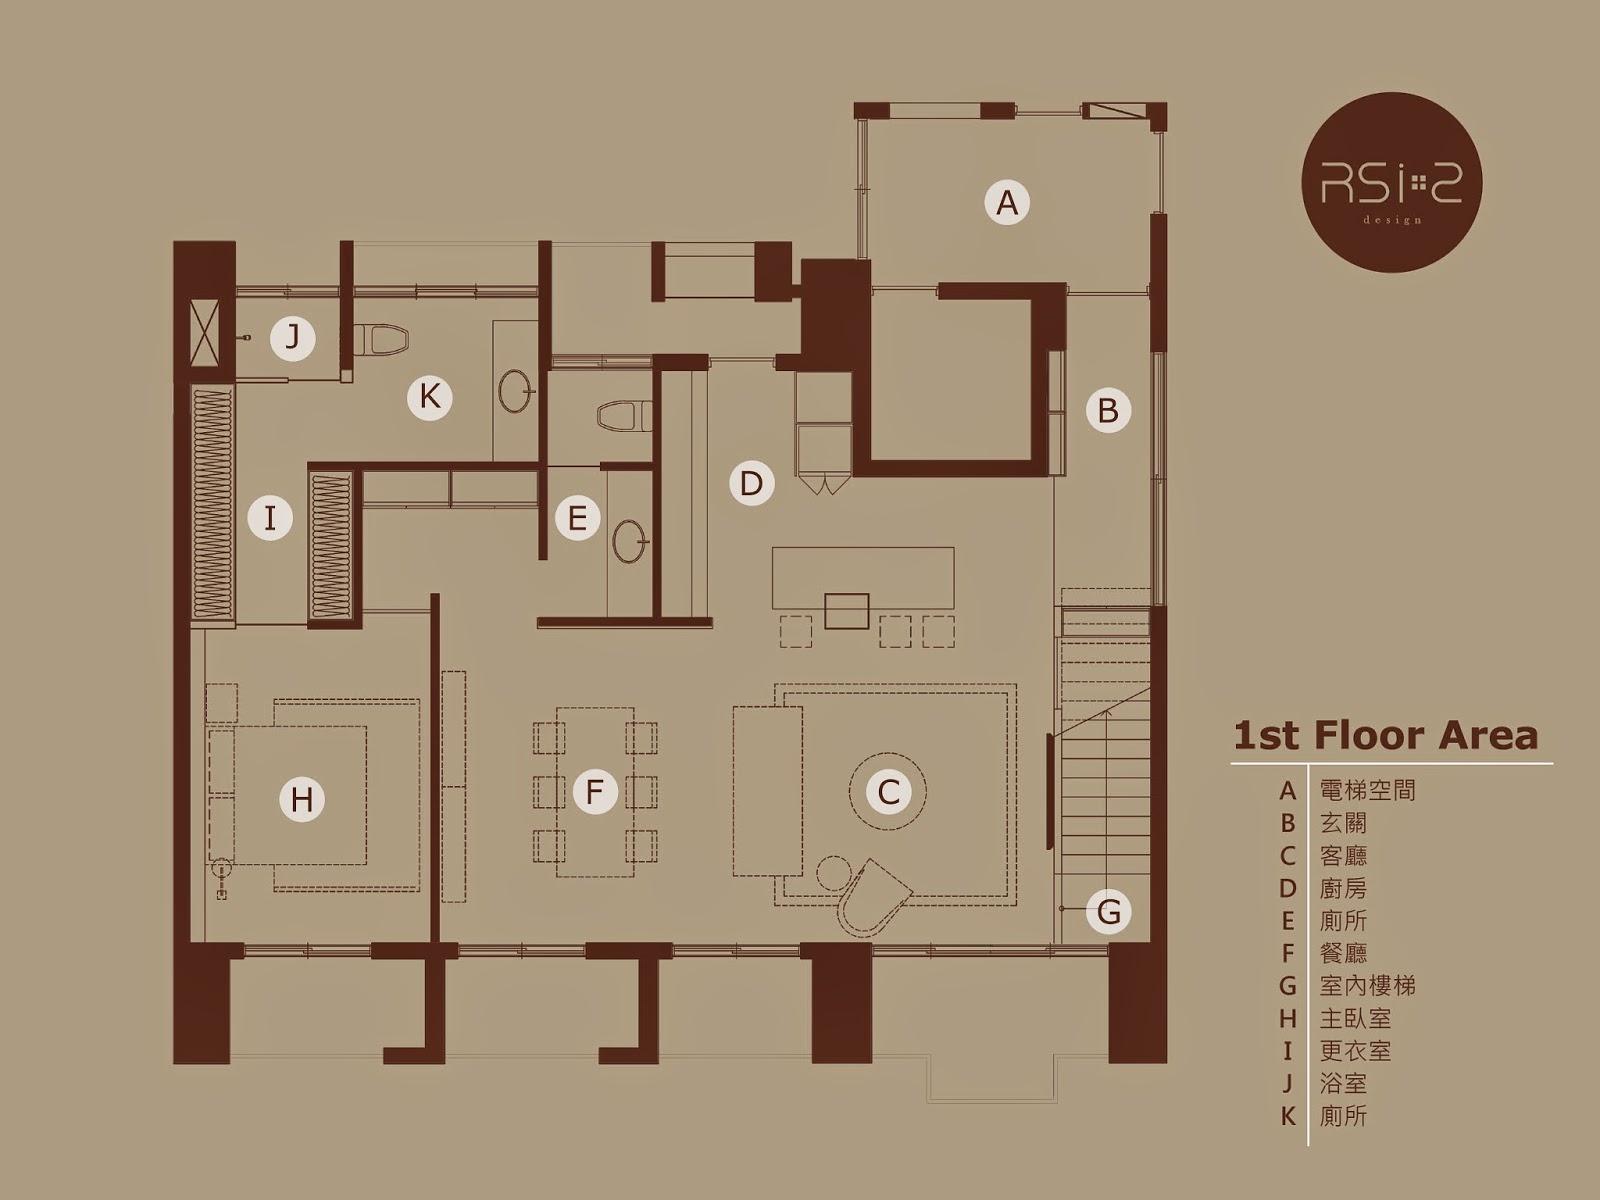 室內設計平面圖